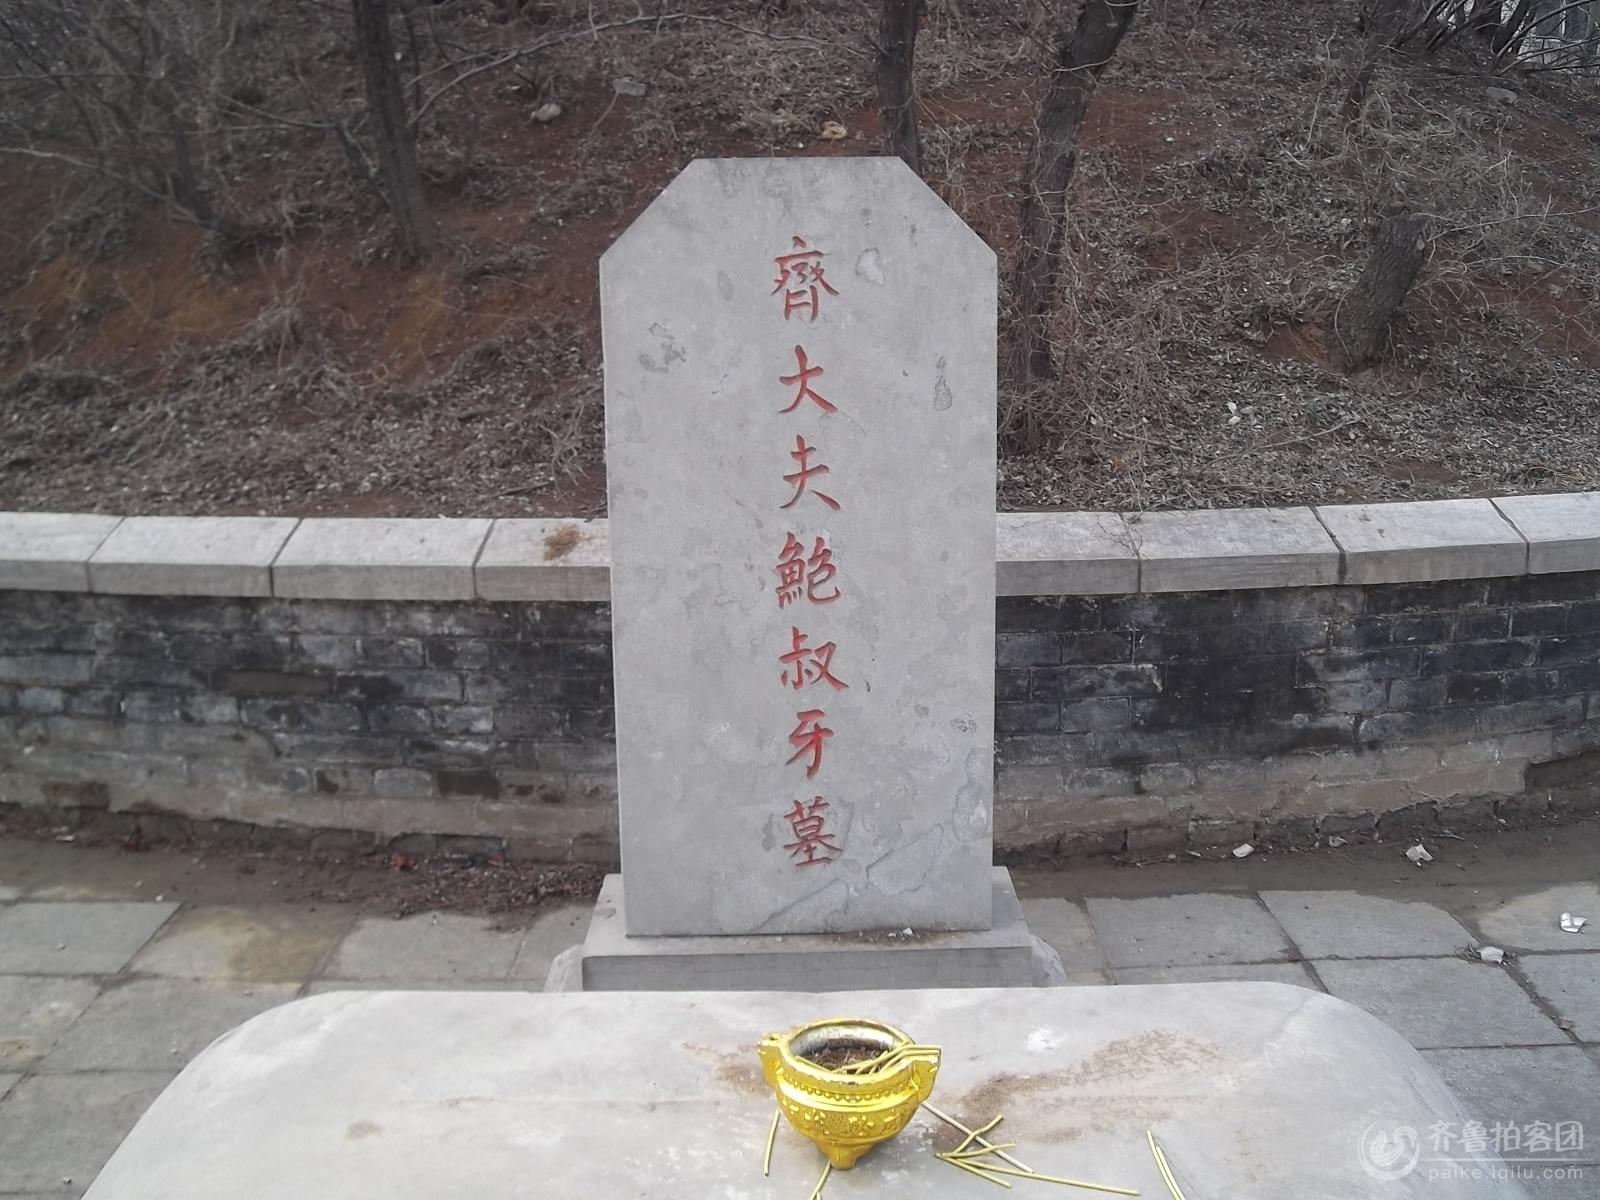 游鲍叔牙墓及鲍山 004.jpg